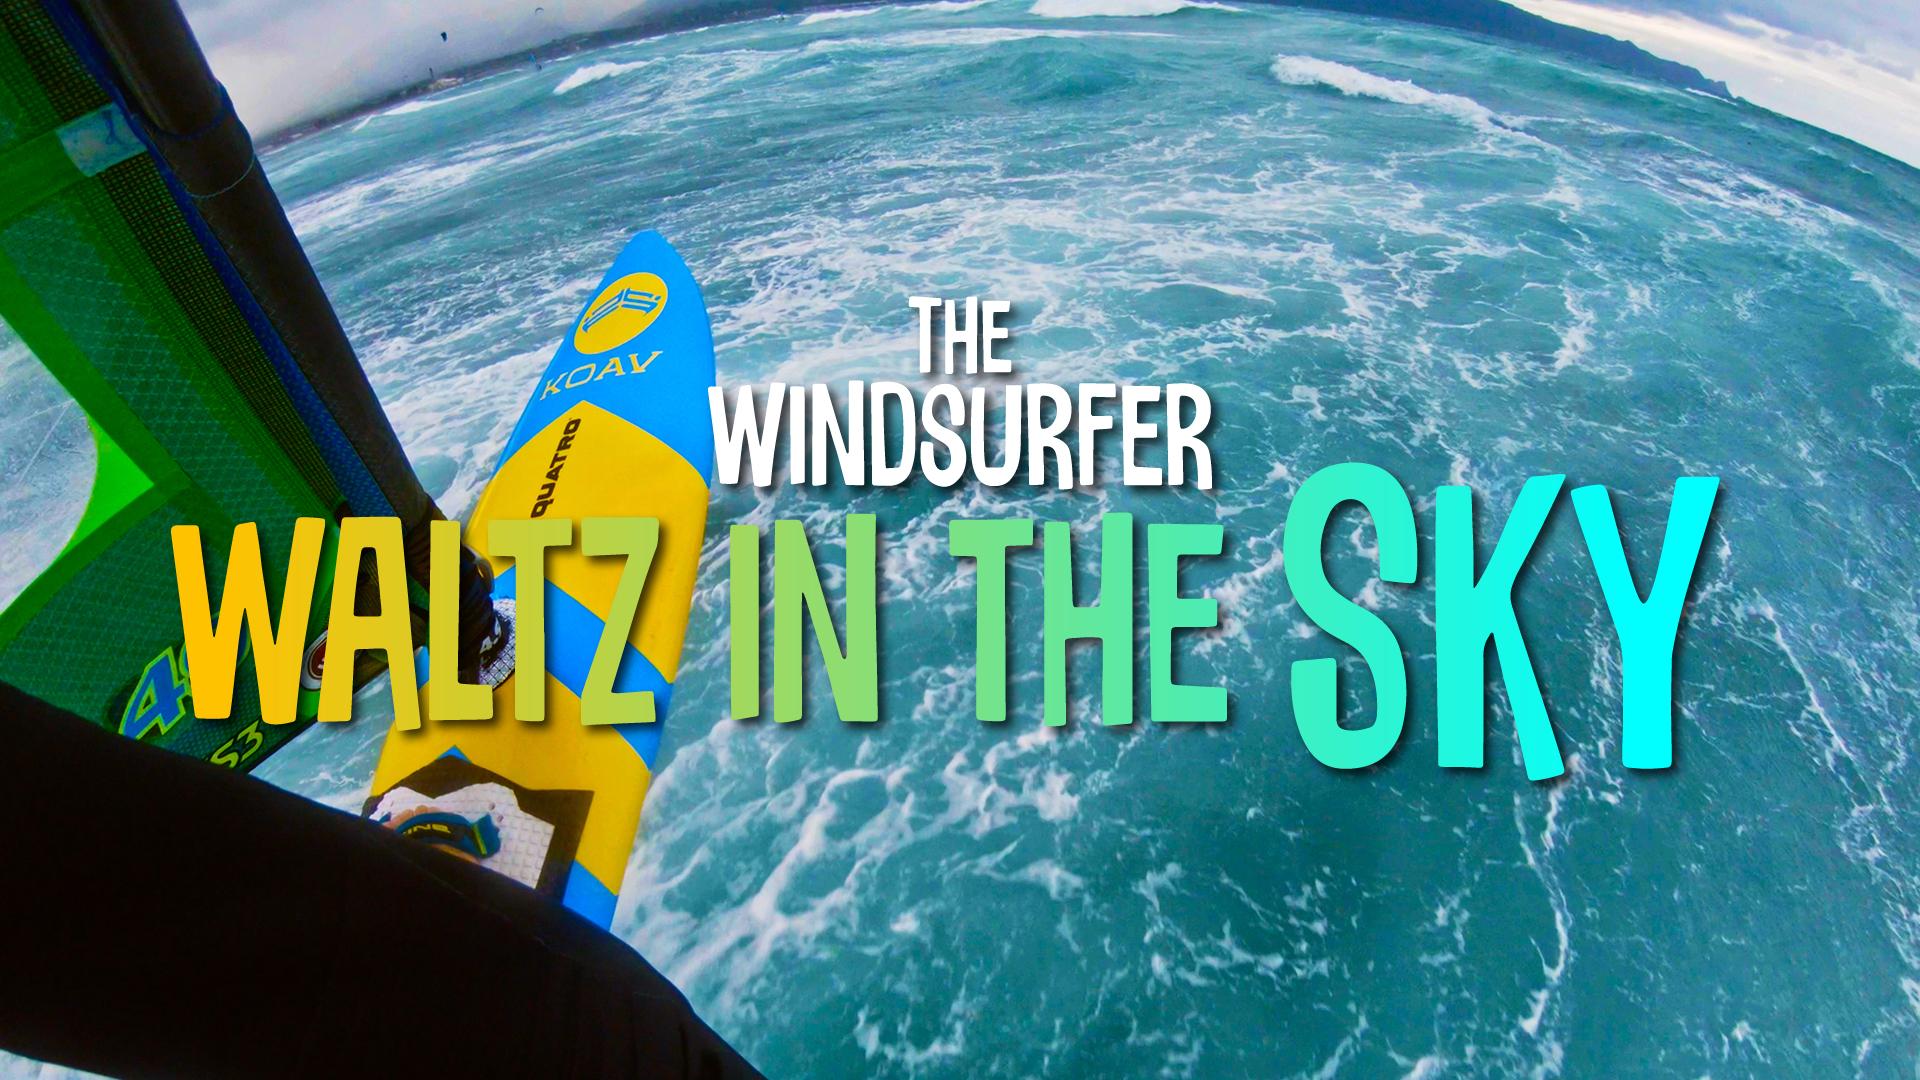 koav-windsurfer-sessions-ep12